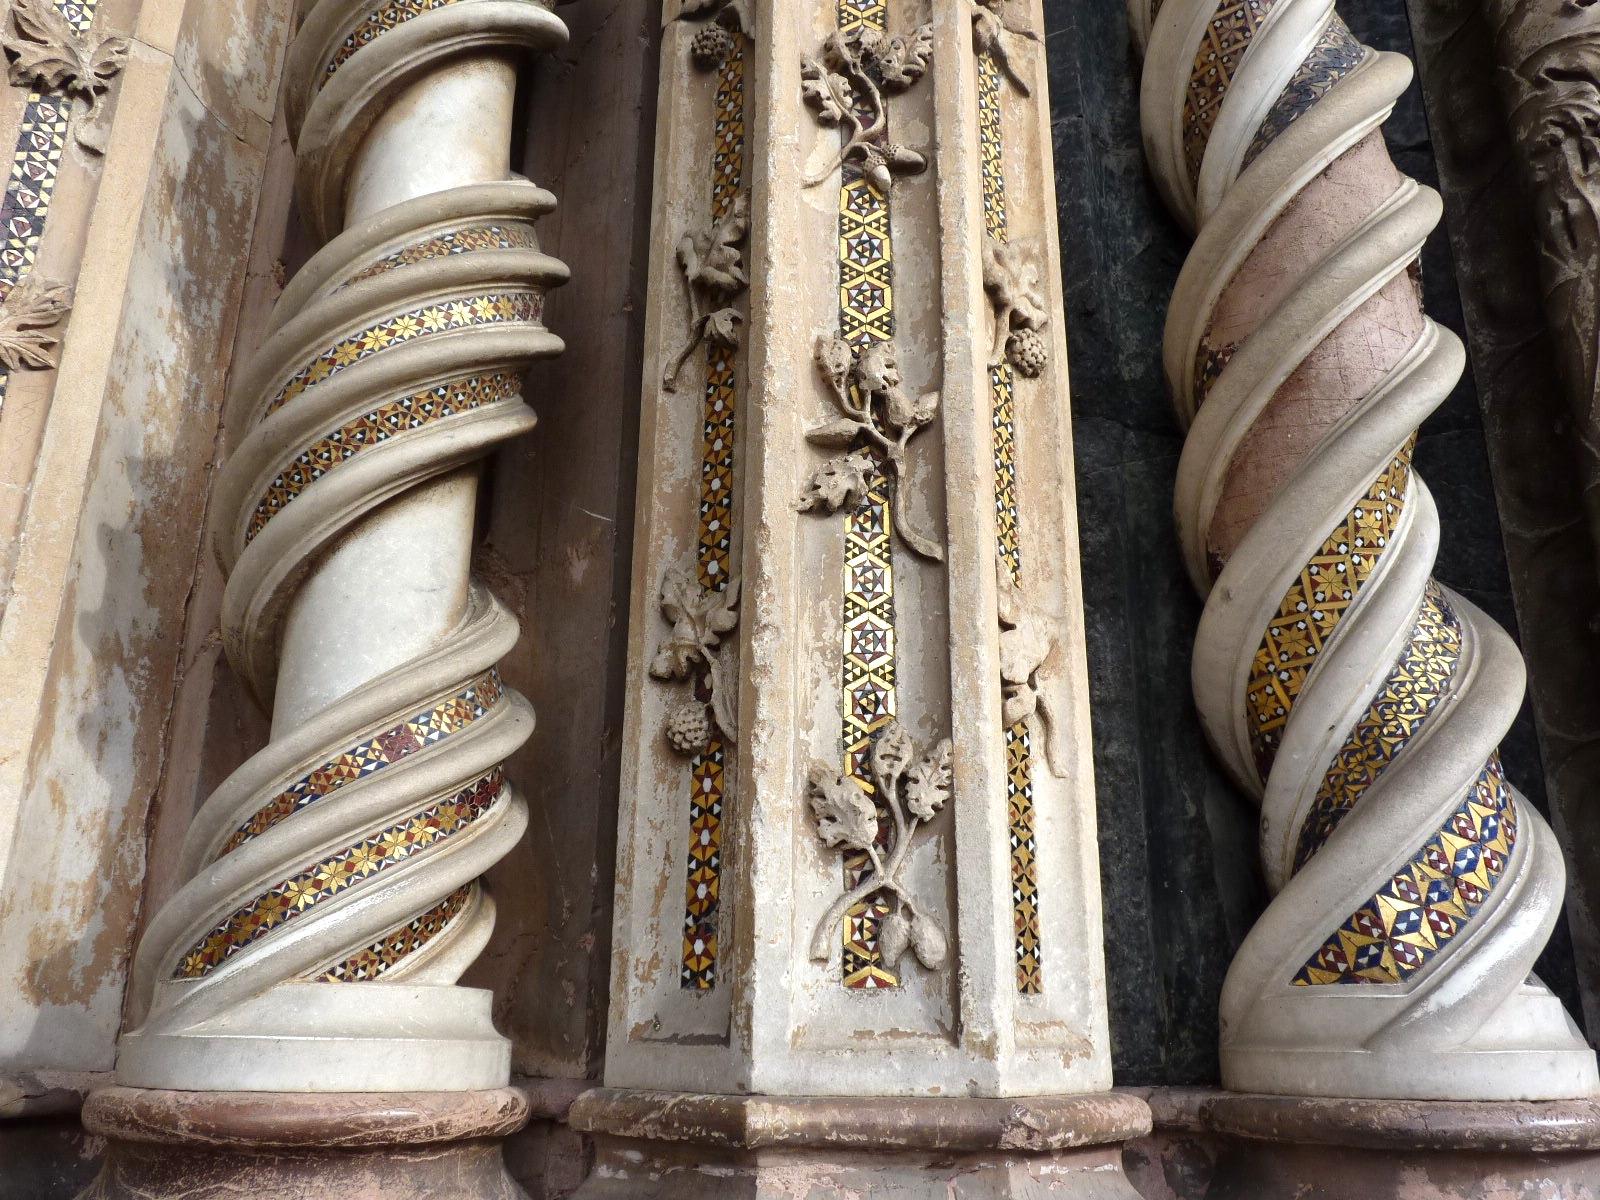 Orvieto-details-and-Moorish-influence.jpg